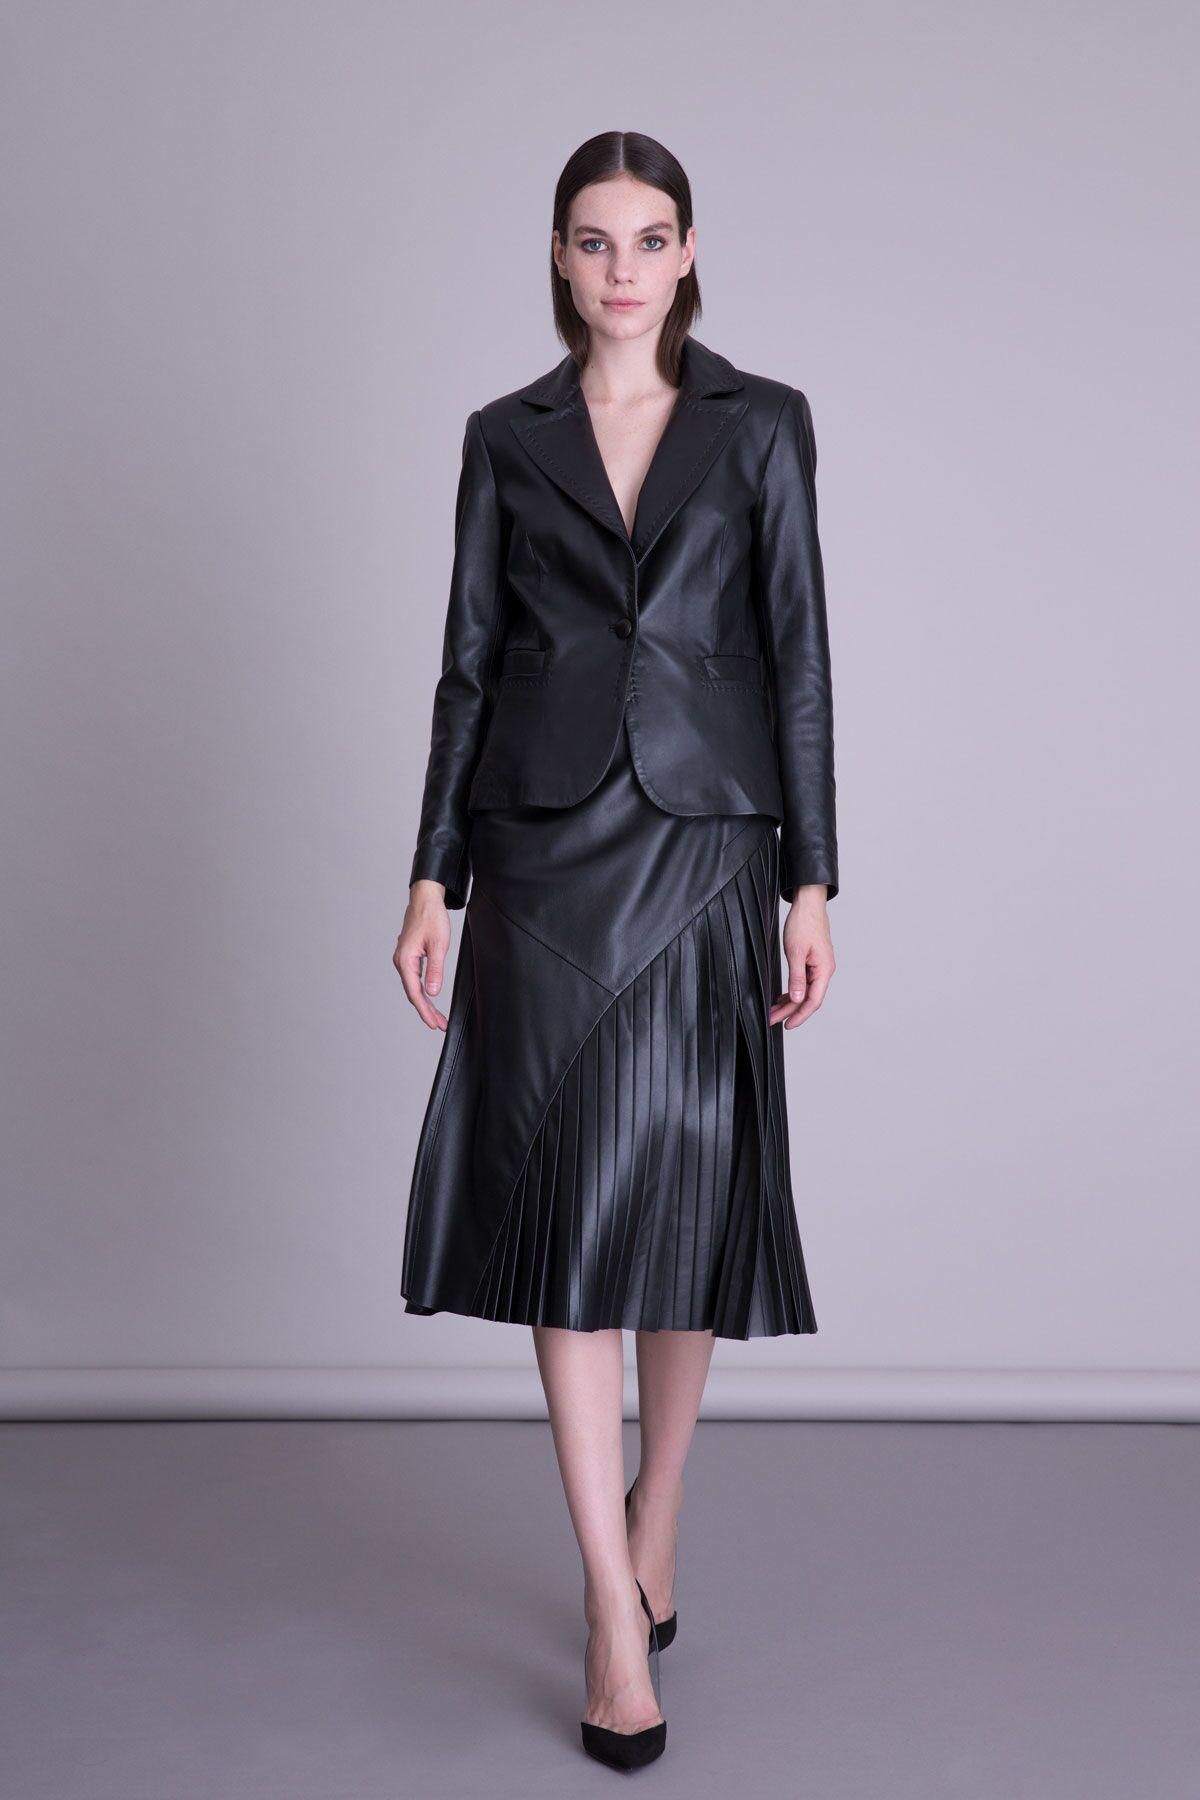 Pleated Leather Black Skirt